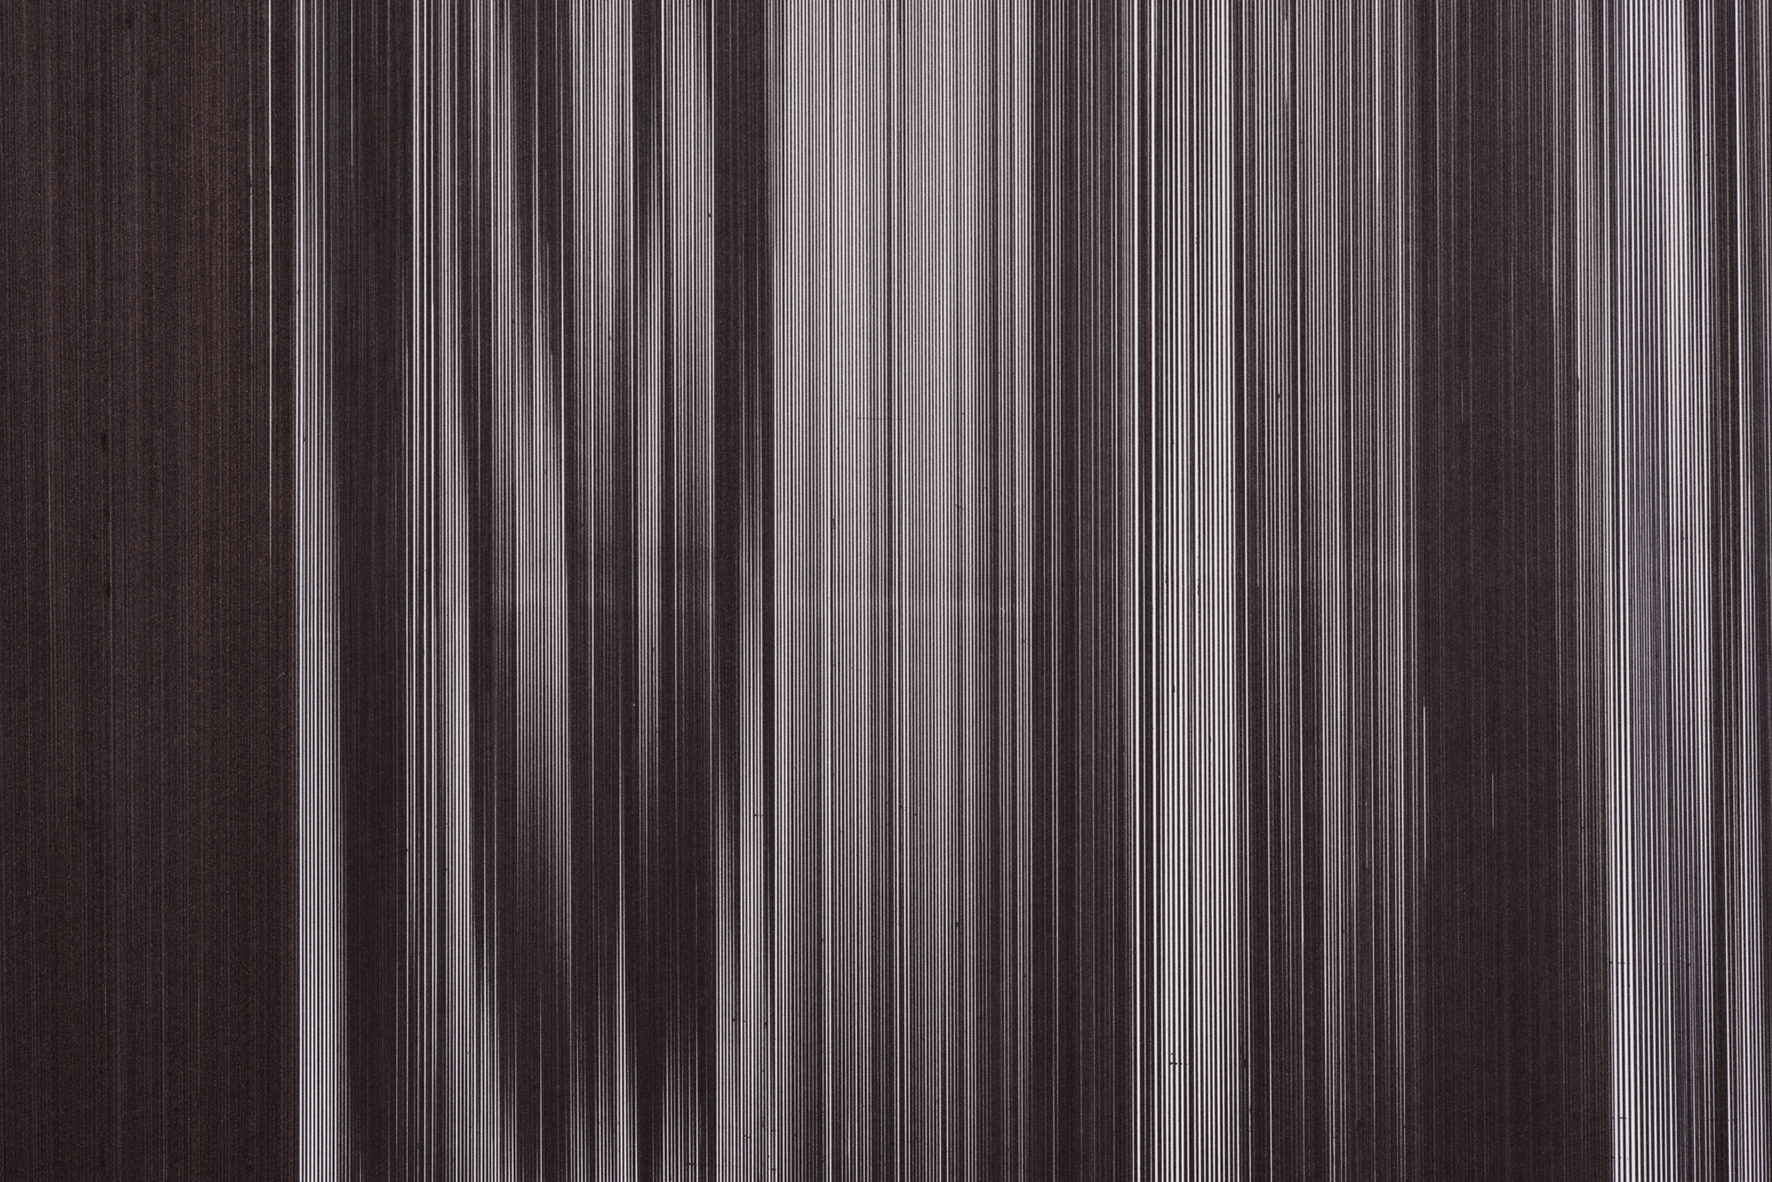 Detail zu: Caroline Kryzecki, KSZ 270/190–03, Kugelschreiber auf Papier, 270 x 190 cm, 2018. Foto: Marcus Schneider